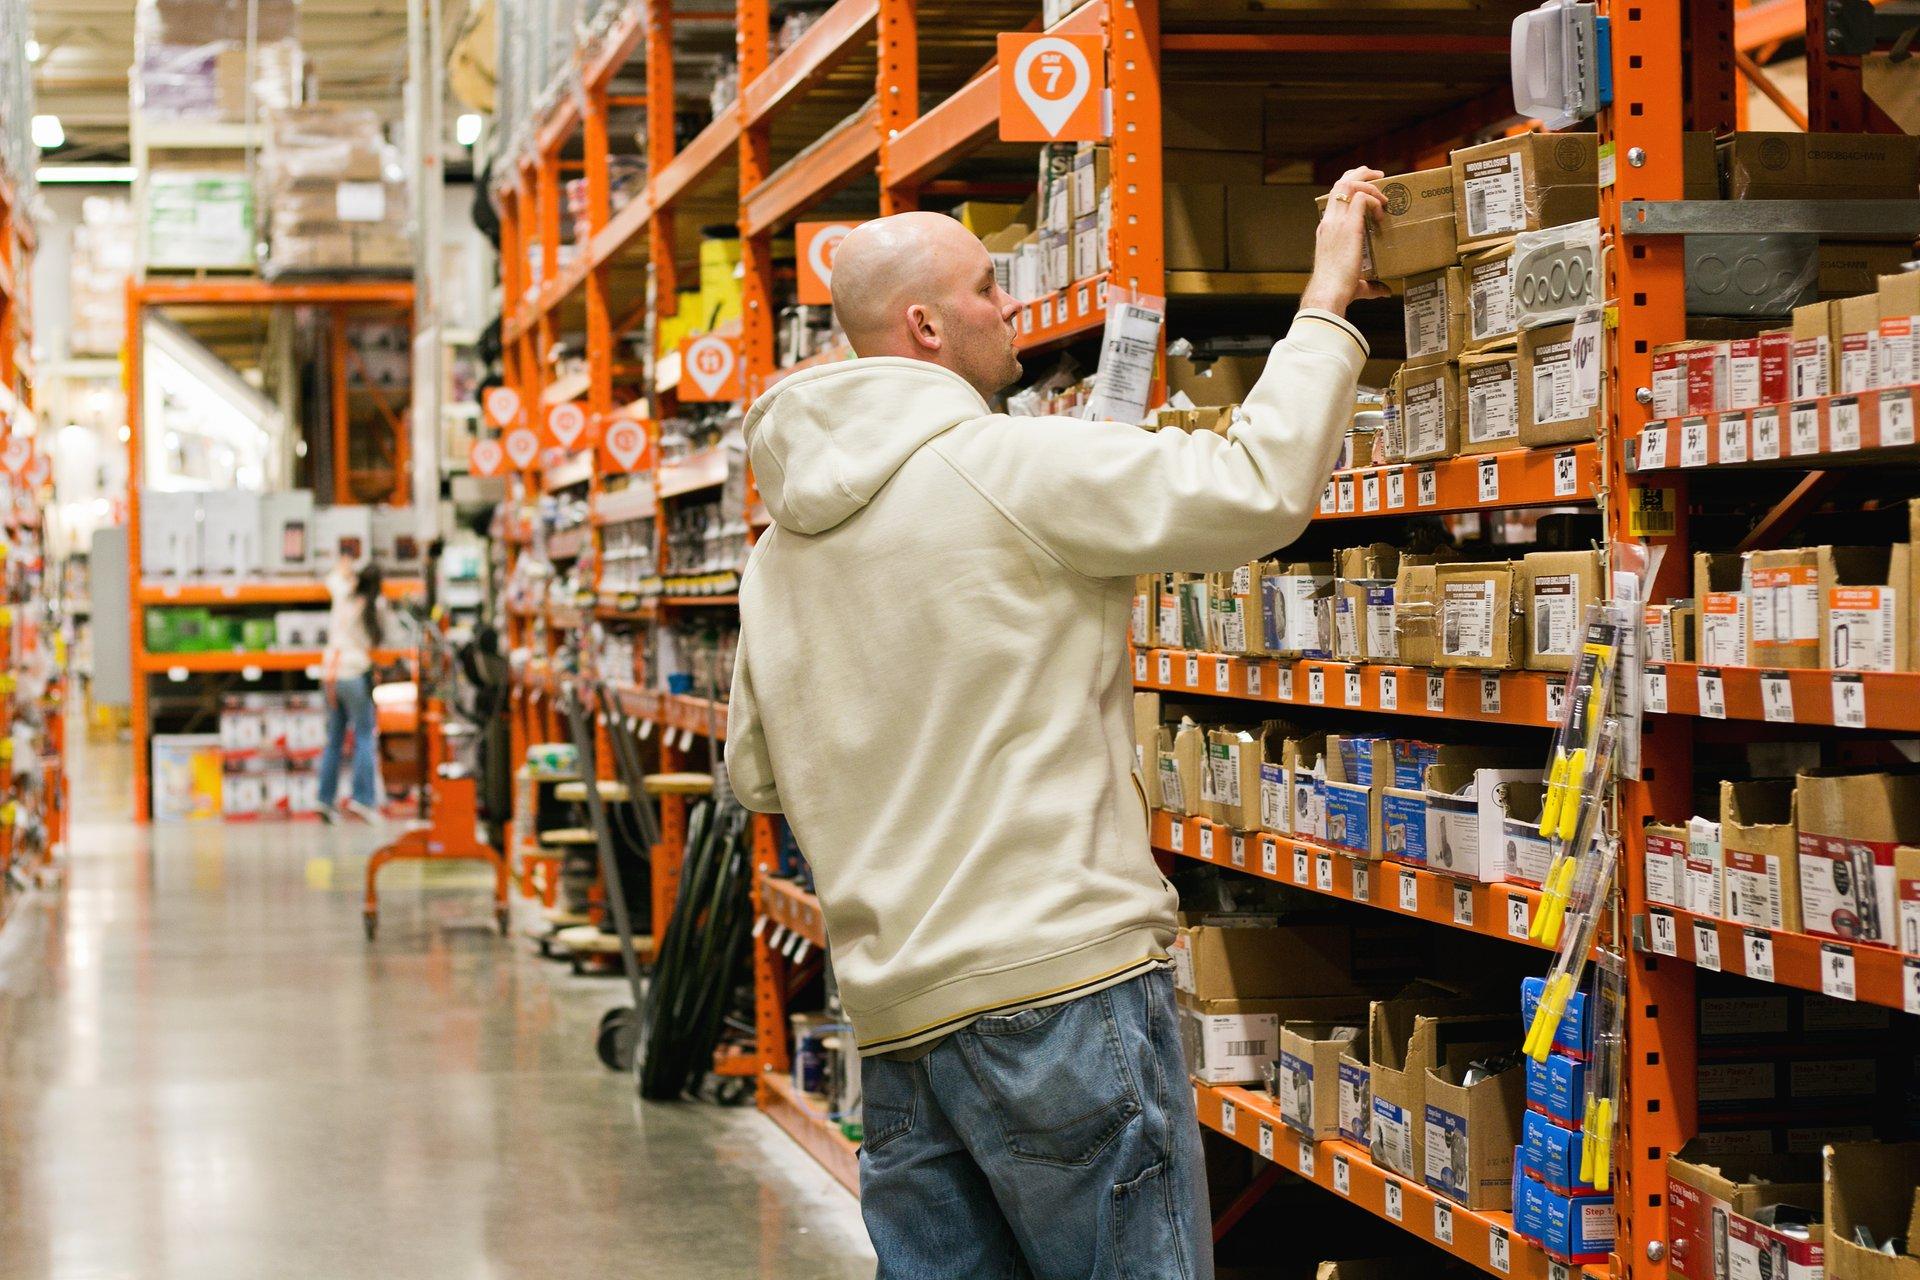 Shopper at Home Depot